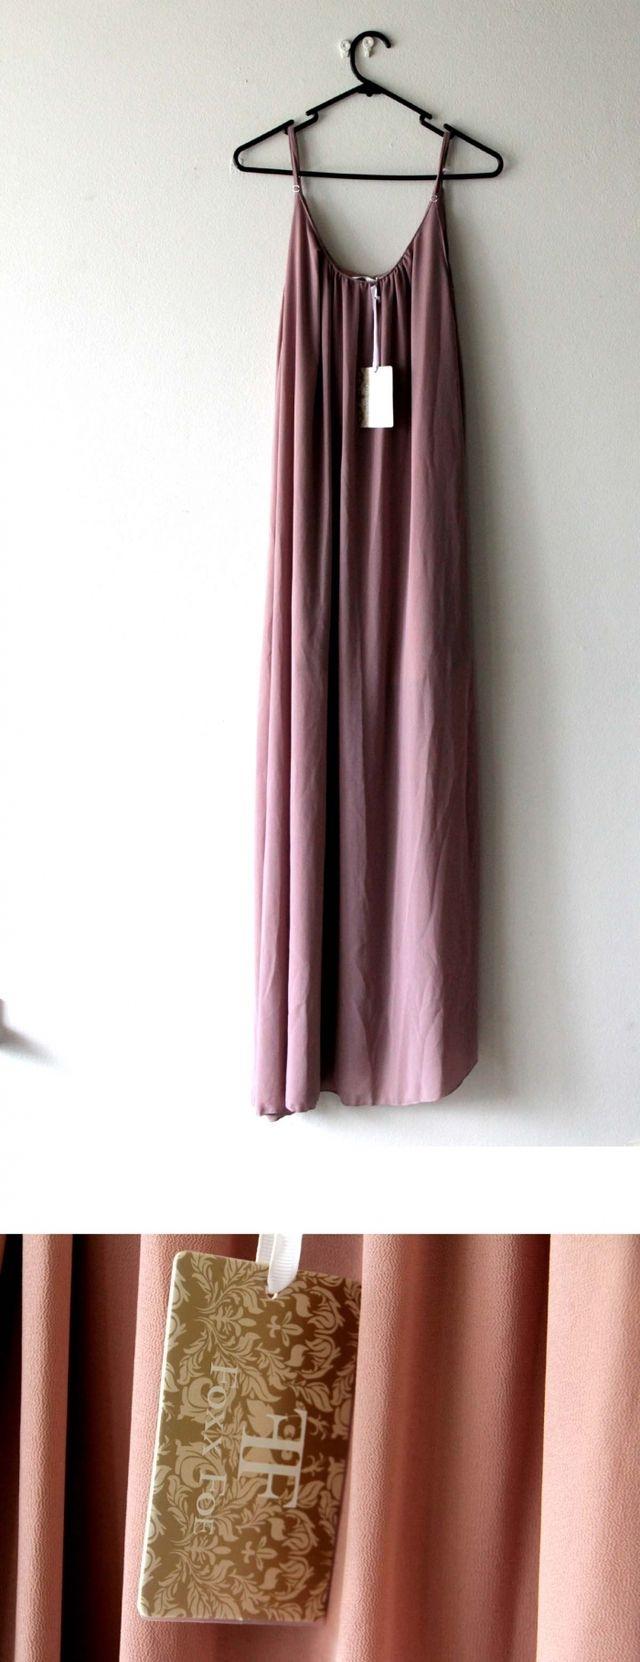 dress & color